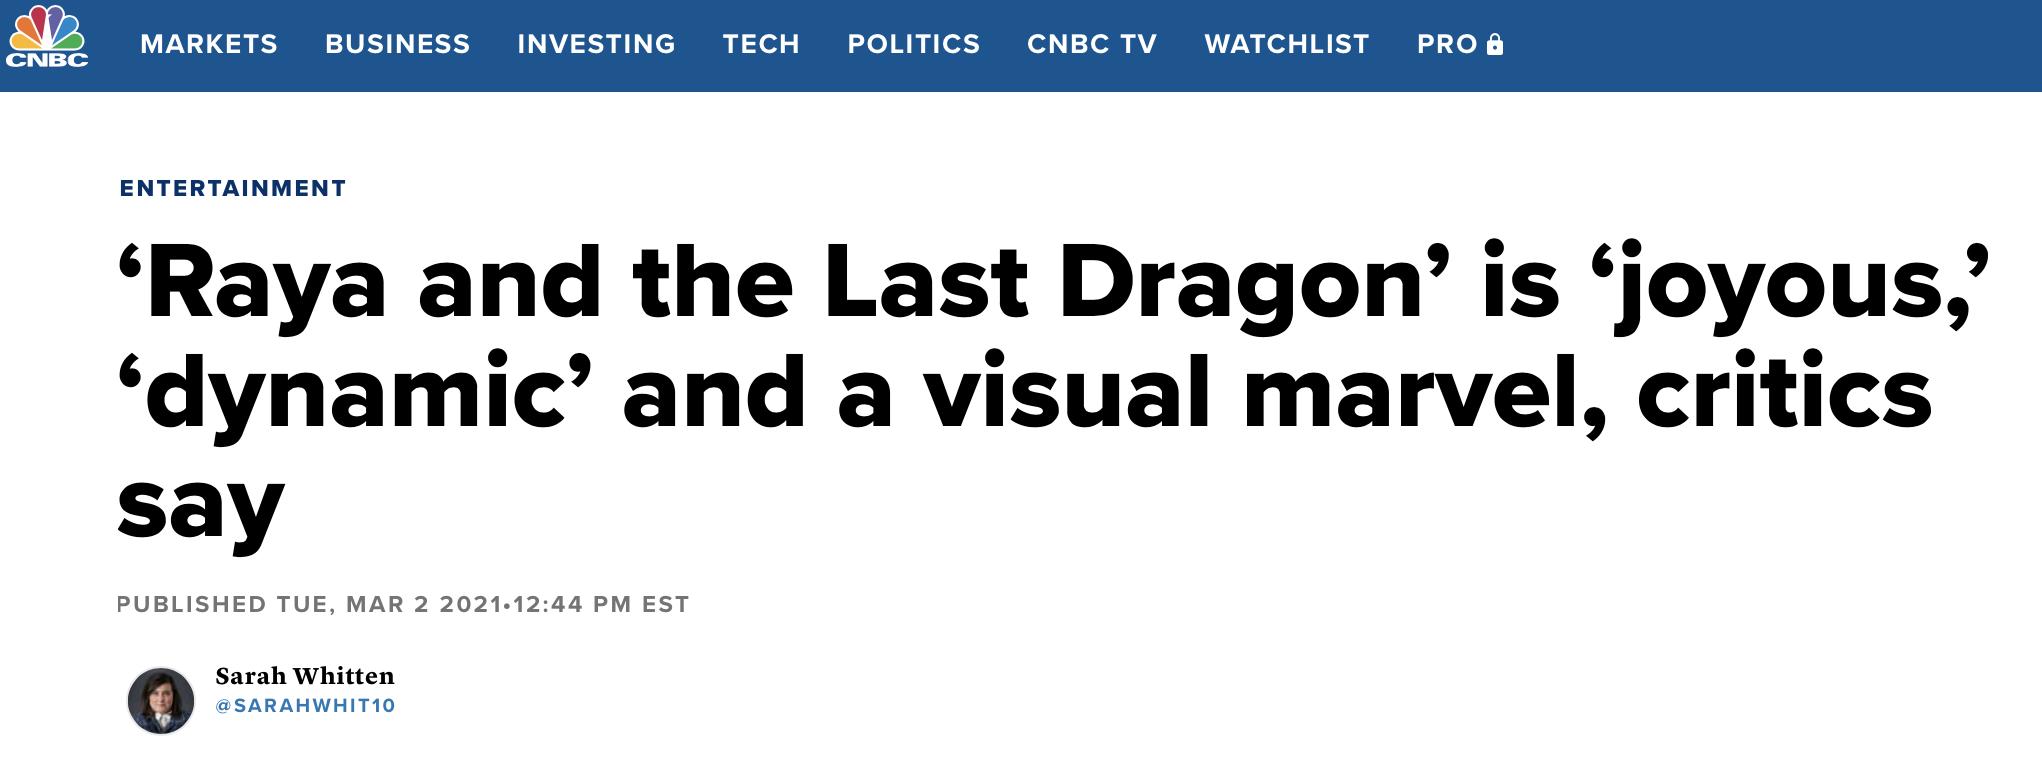 Hollywood khen ngợi tới tấp công chúa Disney gốc Việt, cho điểm gần như tuyệt đối - Ảnh 4.